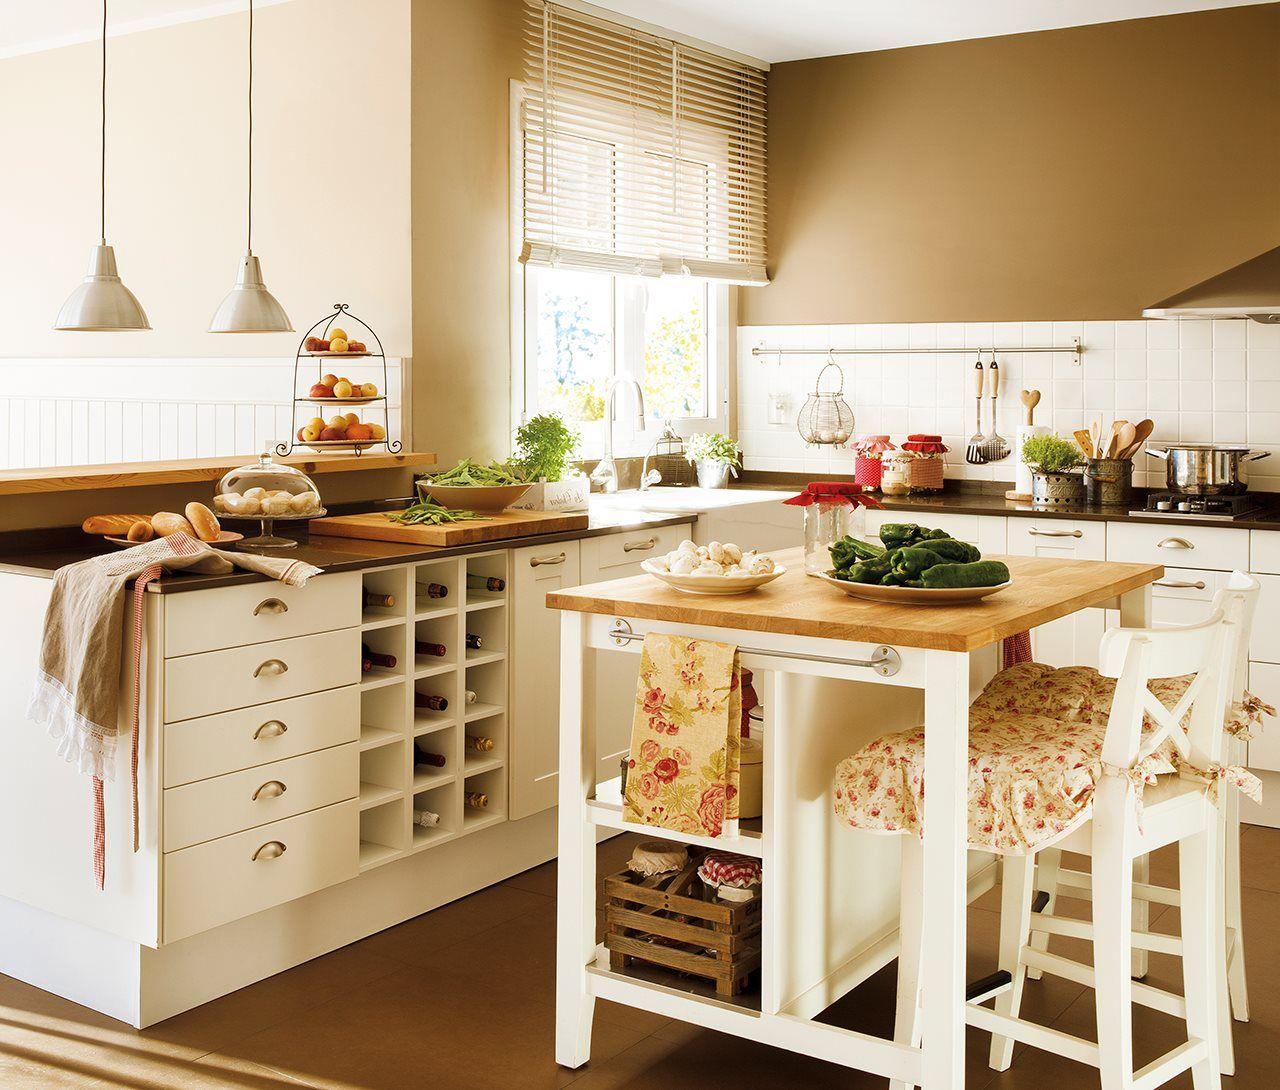 10 Cocinas Pequenas Con Maxi Ideas Muebles De Cocina Ikea